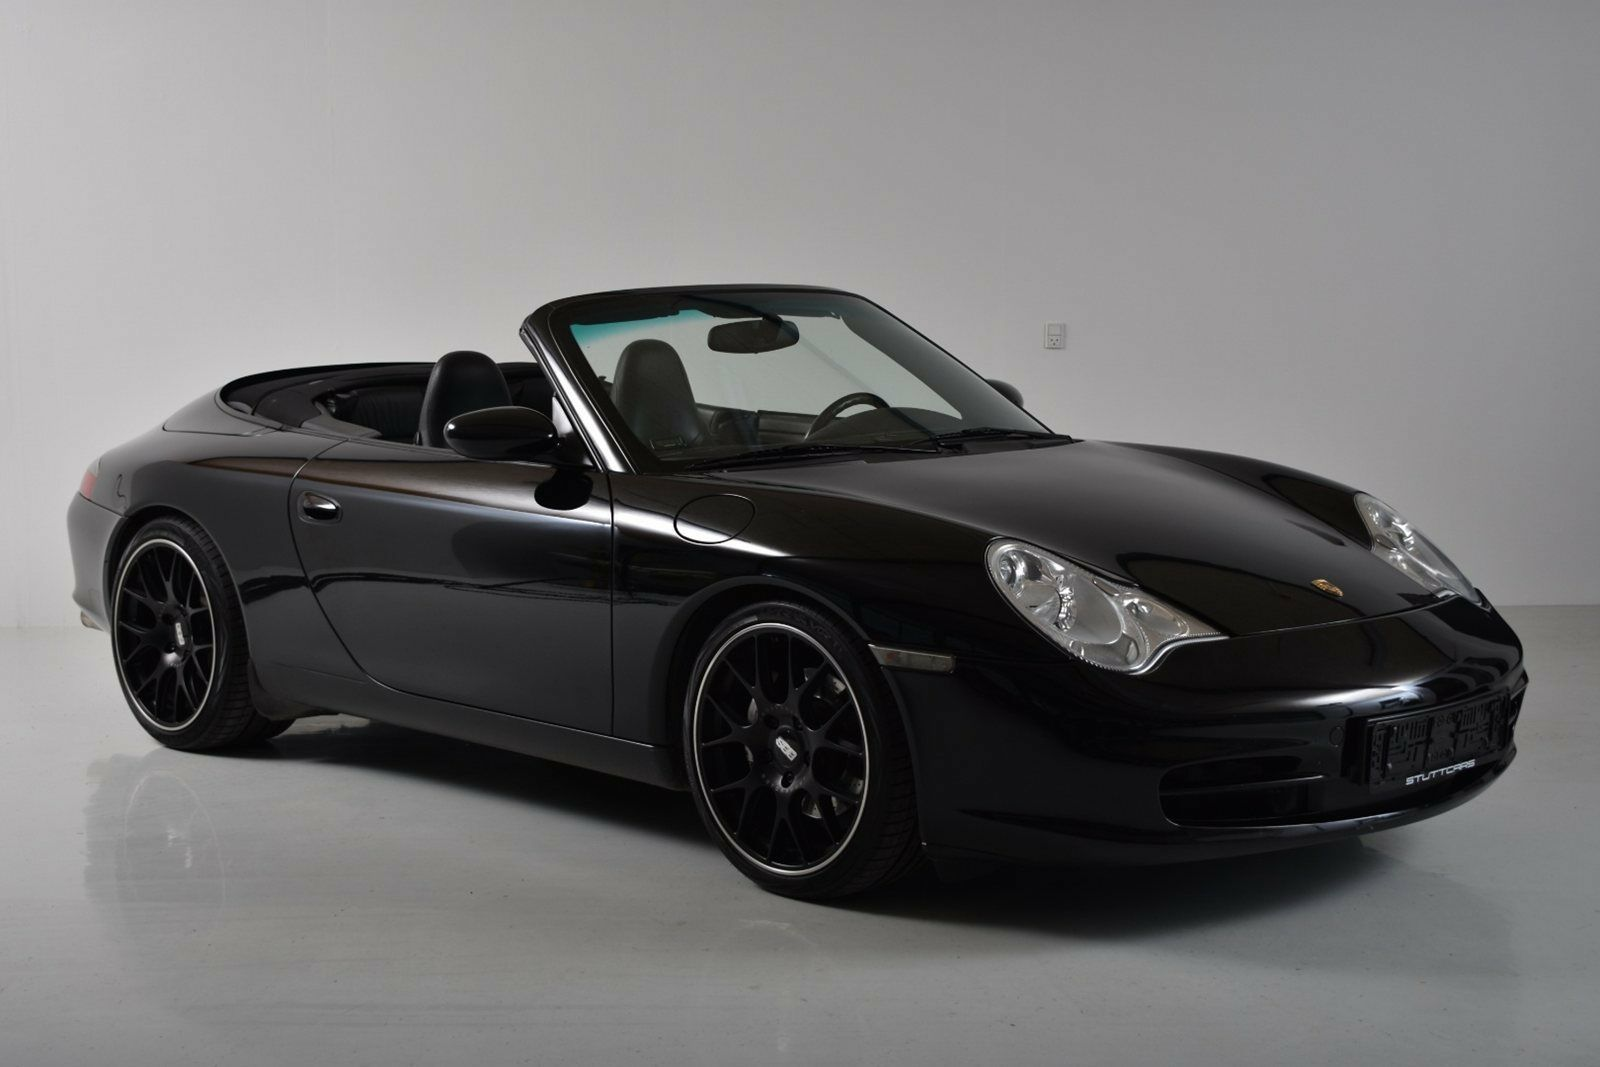 Porsche 911 Carrera 4 3,6 Cabriolet 2d - 4.095 kr.